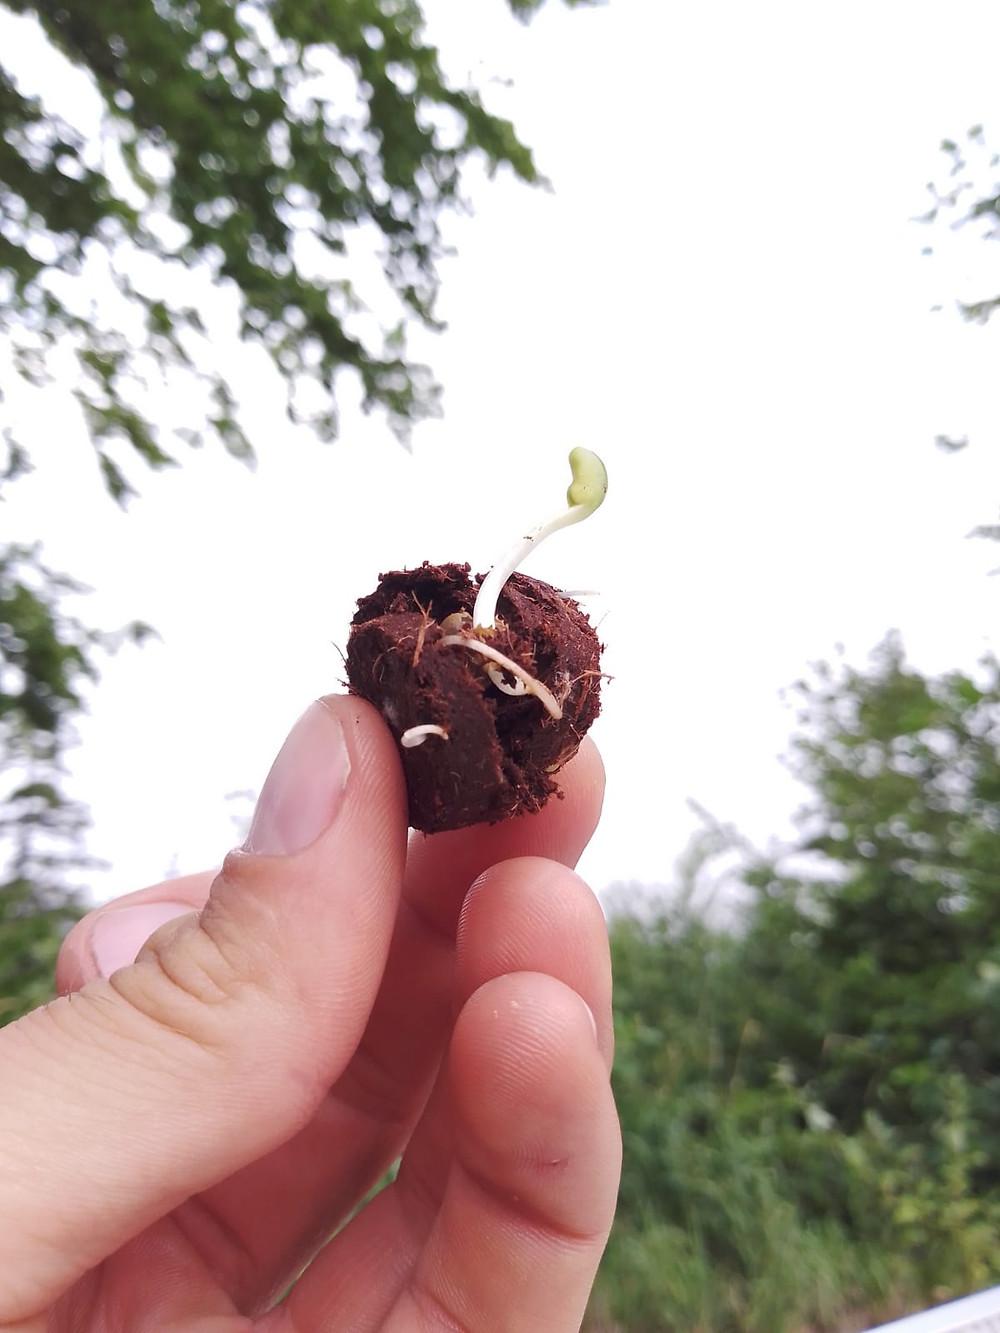 Bombe à graines germée